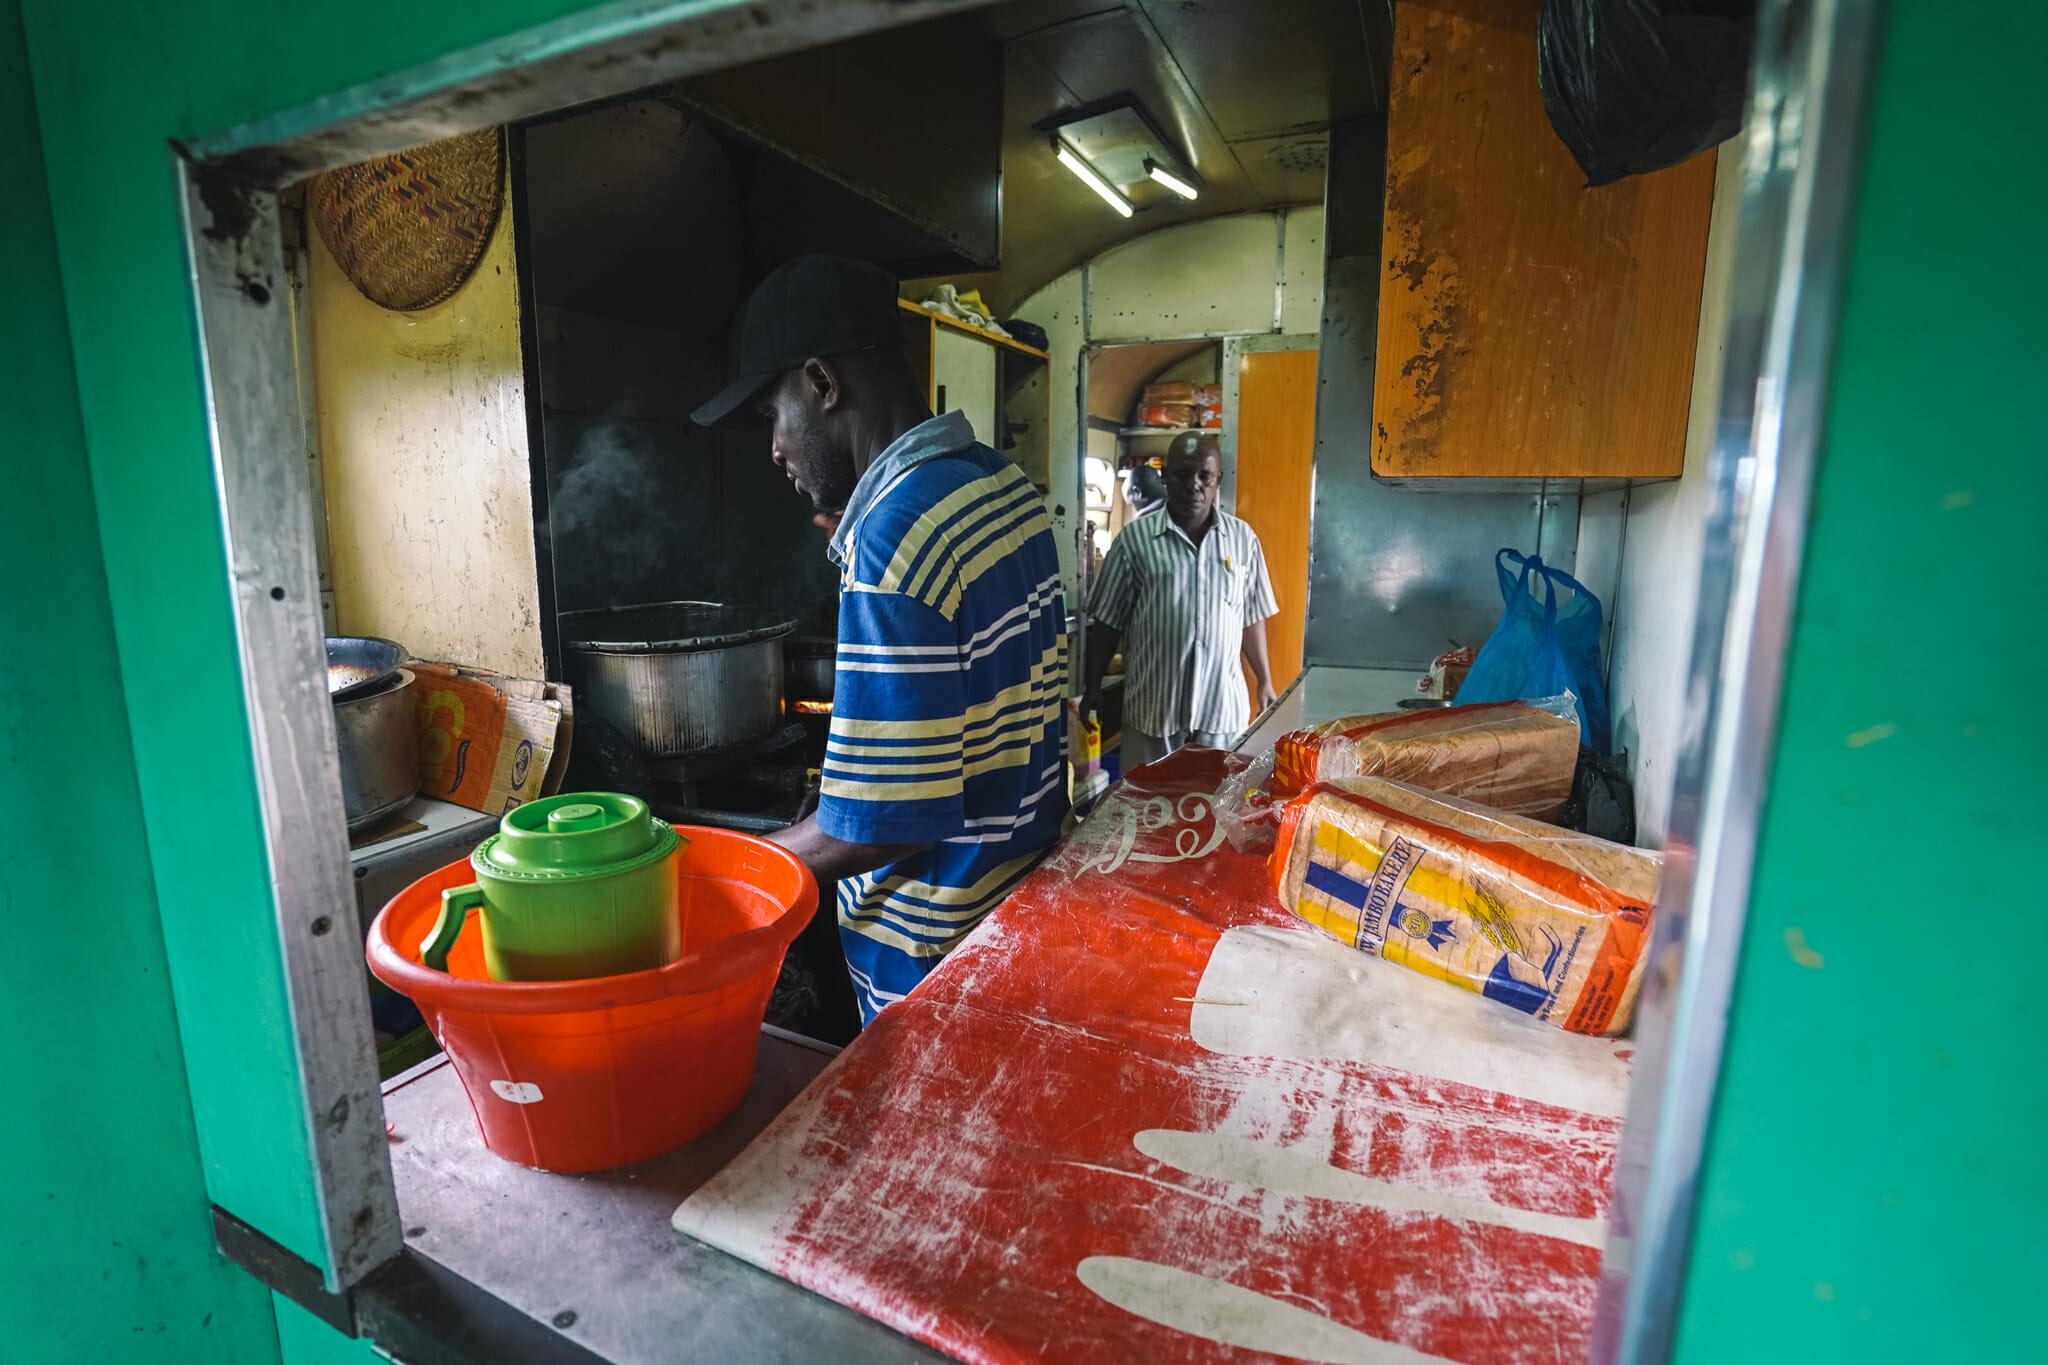 tanzanie-voyage-train-cuisine